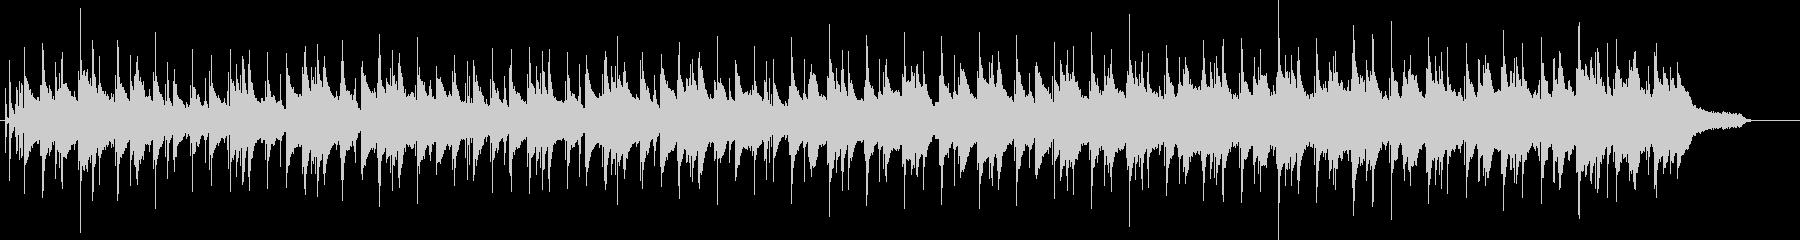 センチメンタル・ラブ・バラードの未再生の波形